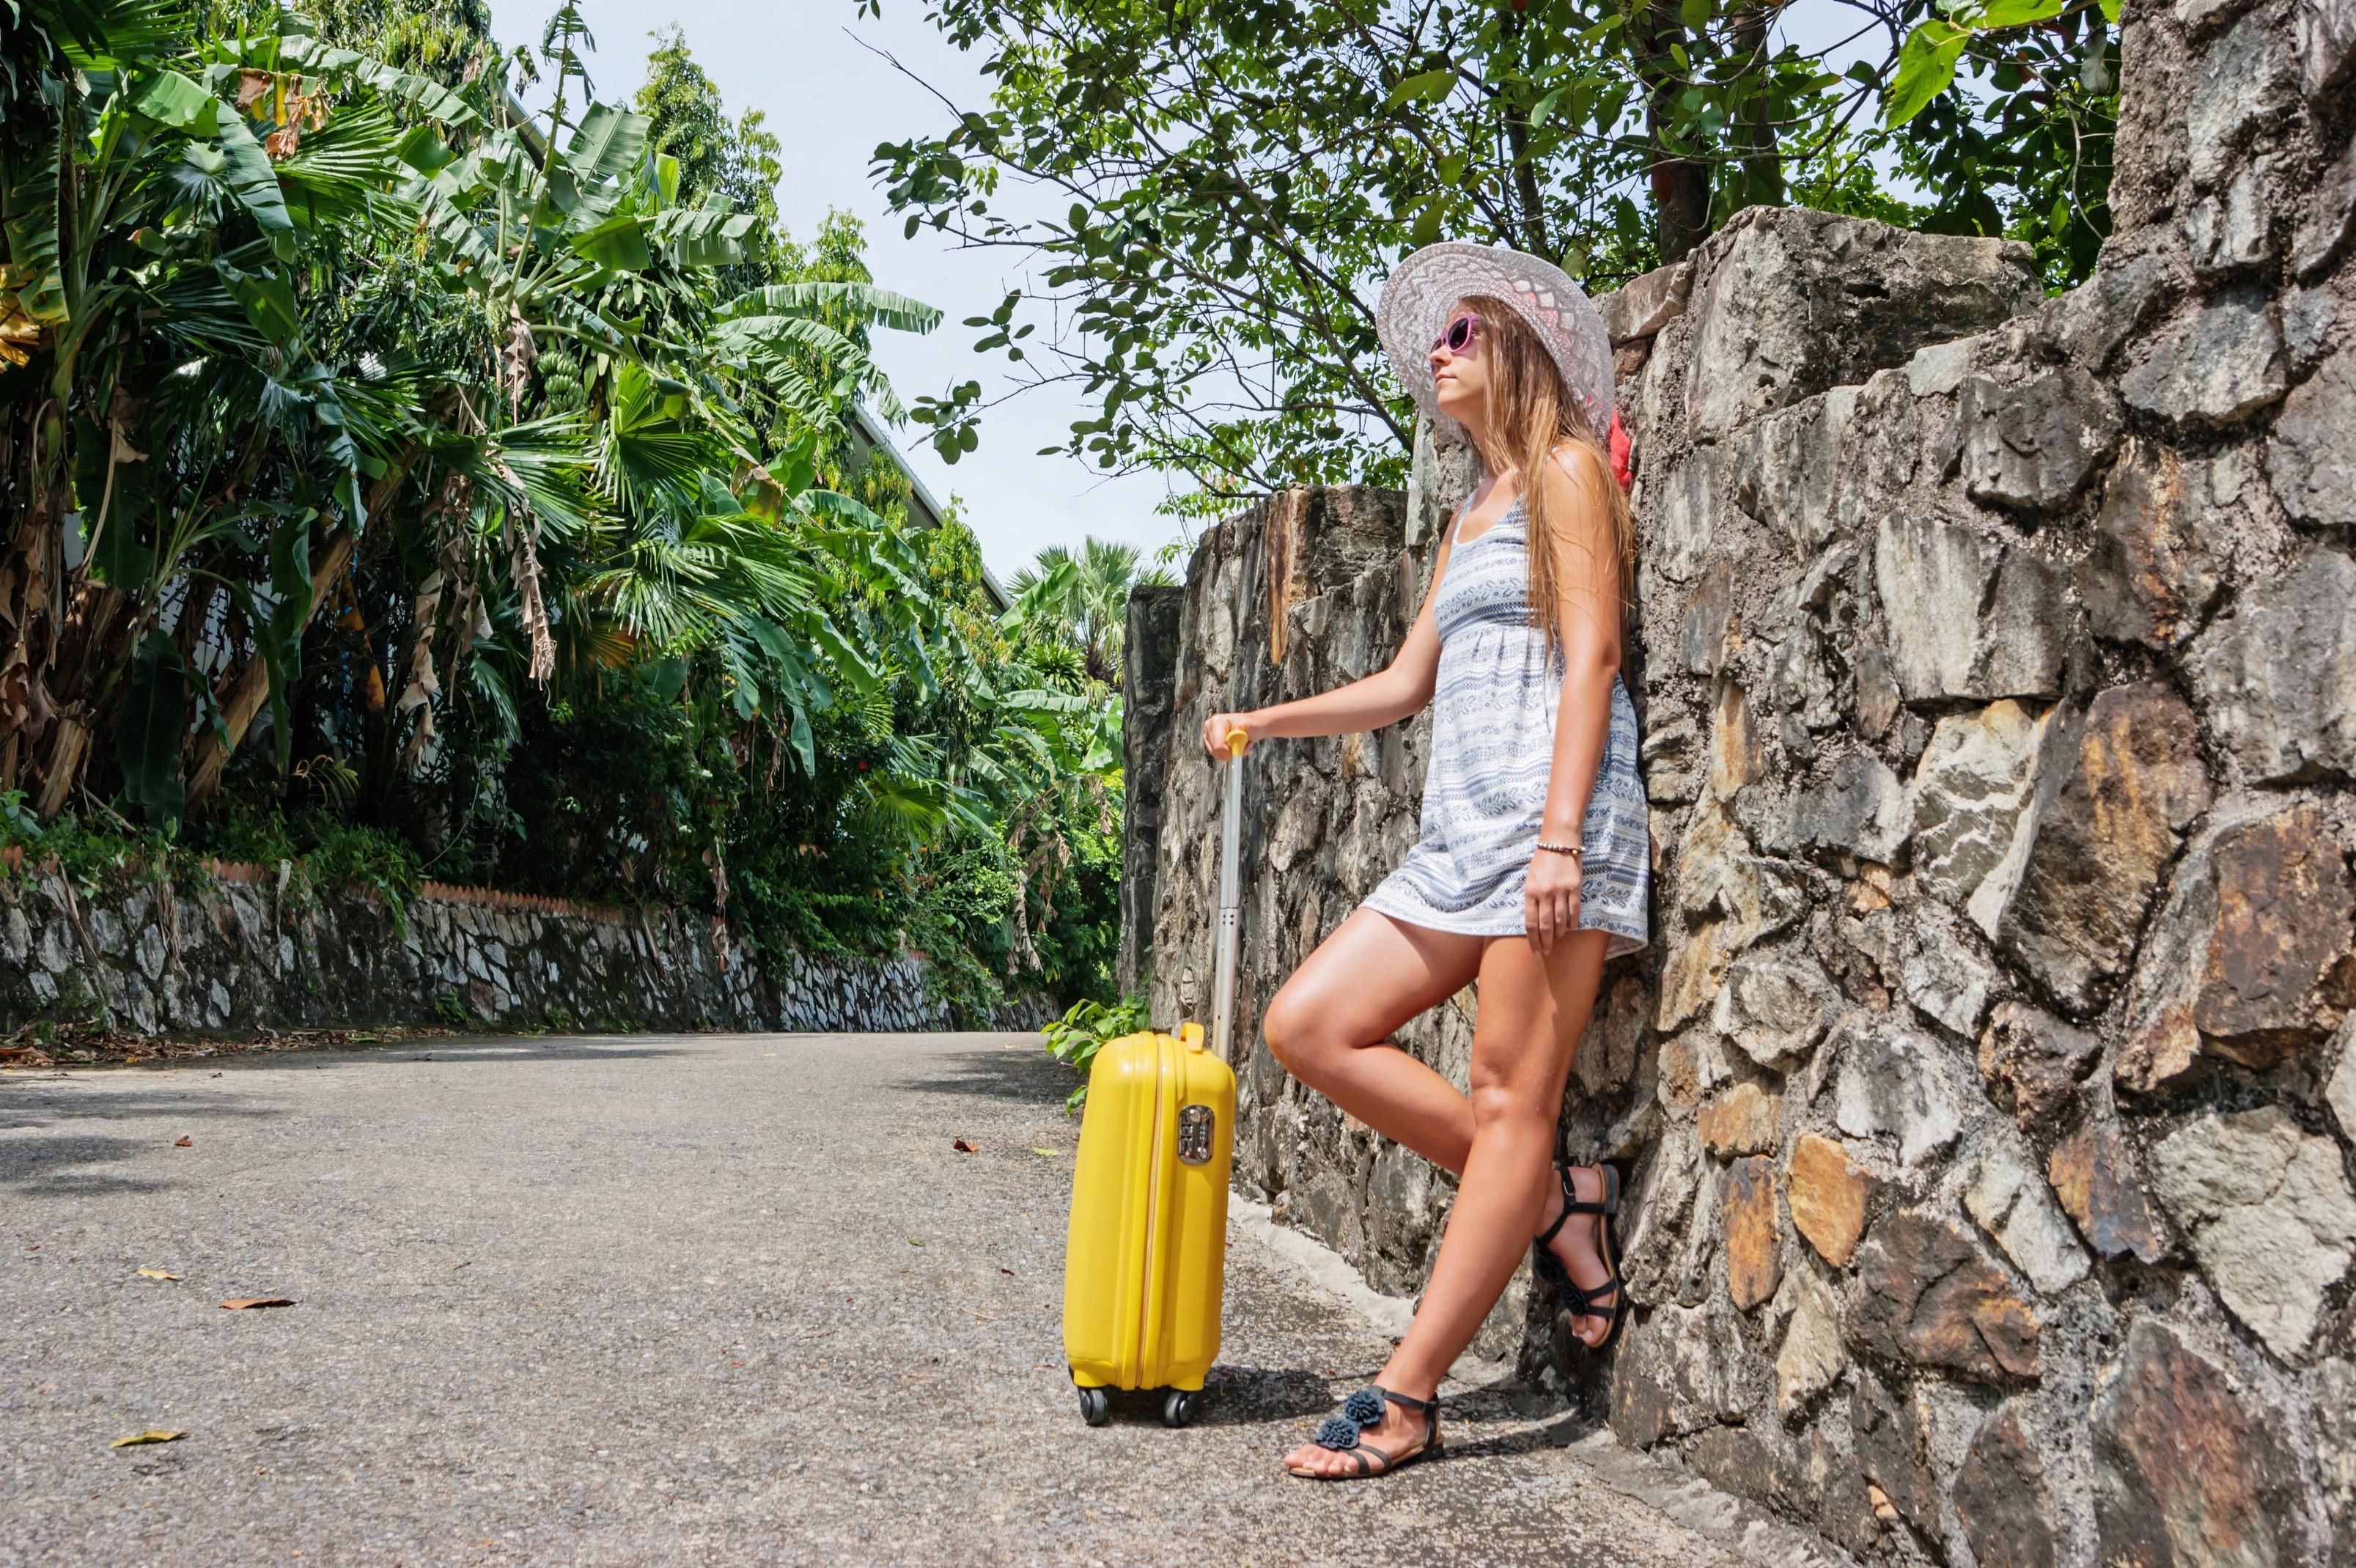 小資女利用短暫的假期出國旅遊,事前功課也不能少(圖/達志/示意圖)